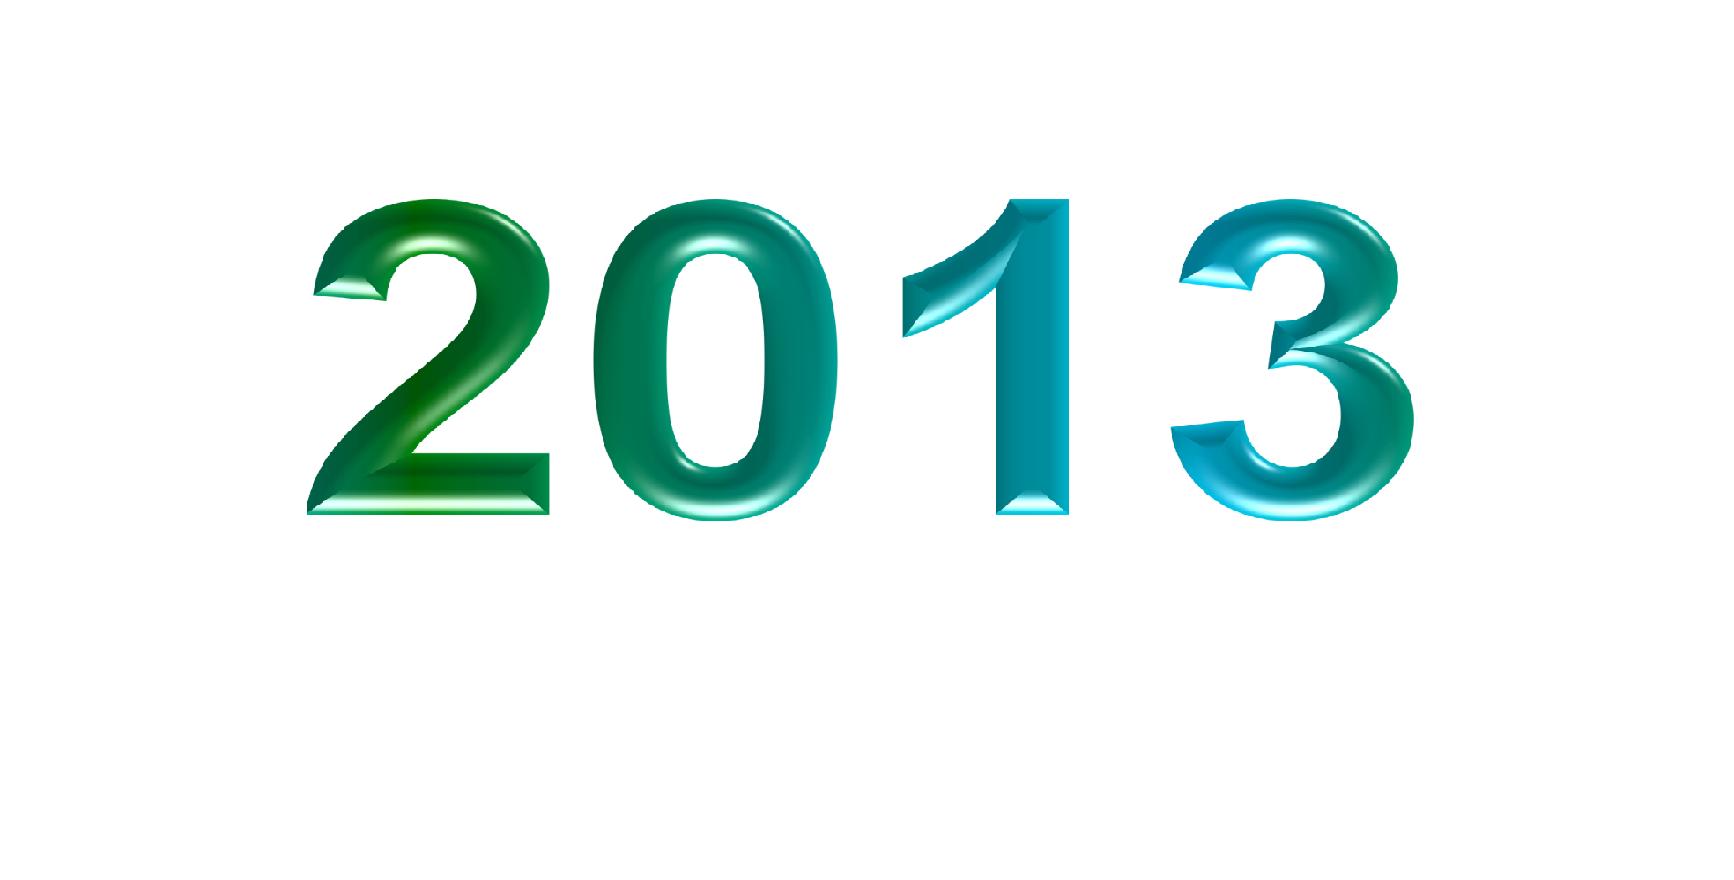 Claves para invertir en 2013: Gran atracción por la renta variable asiática